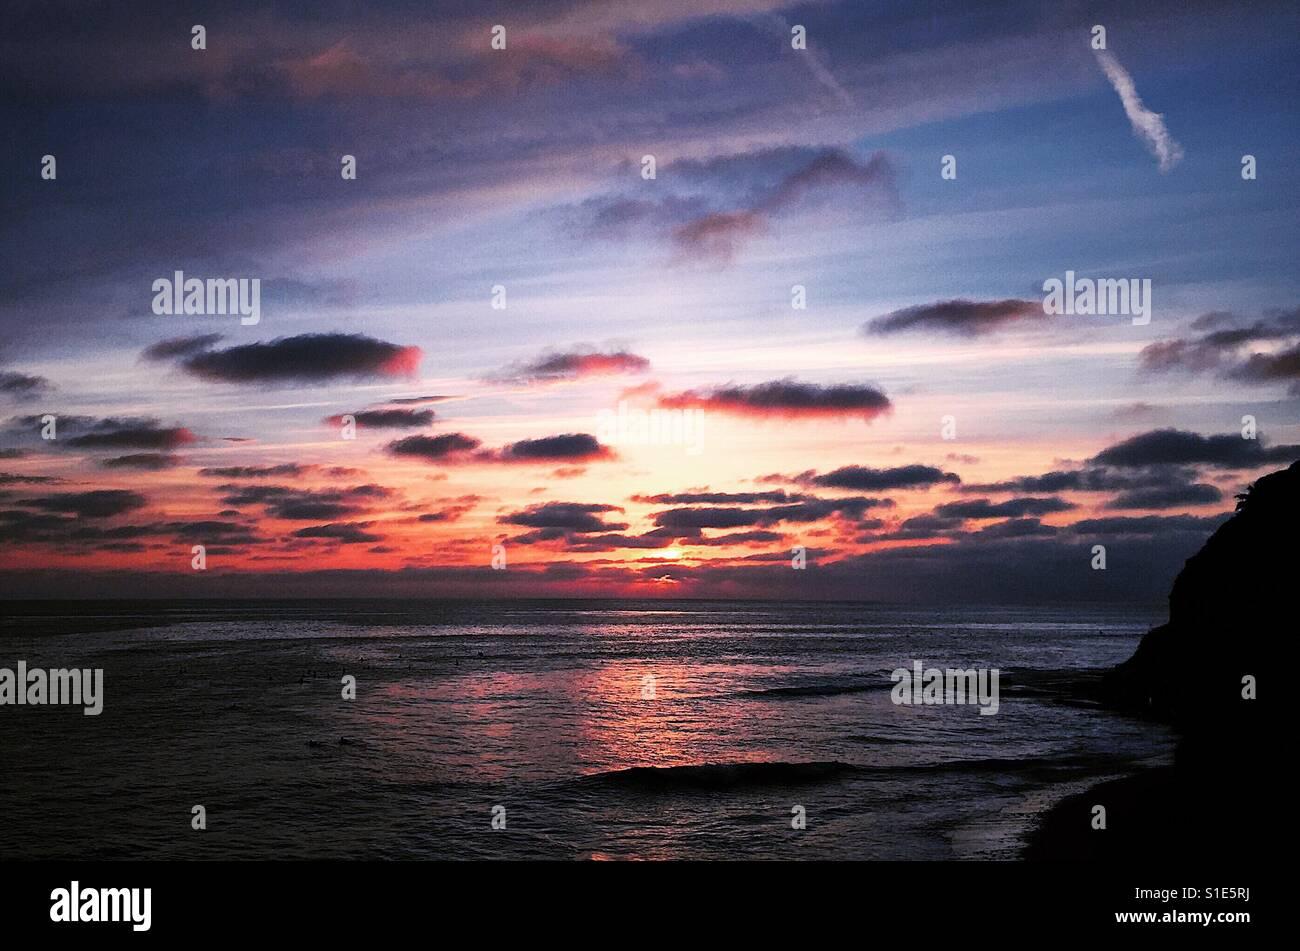 Romántica puesta de sol Foto de stock